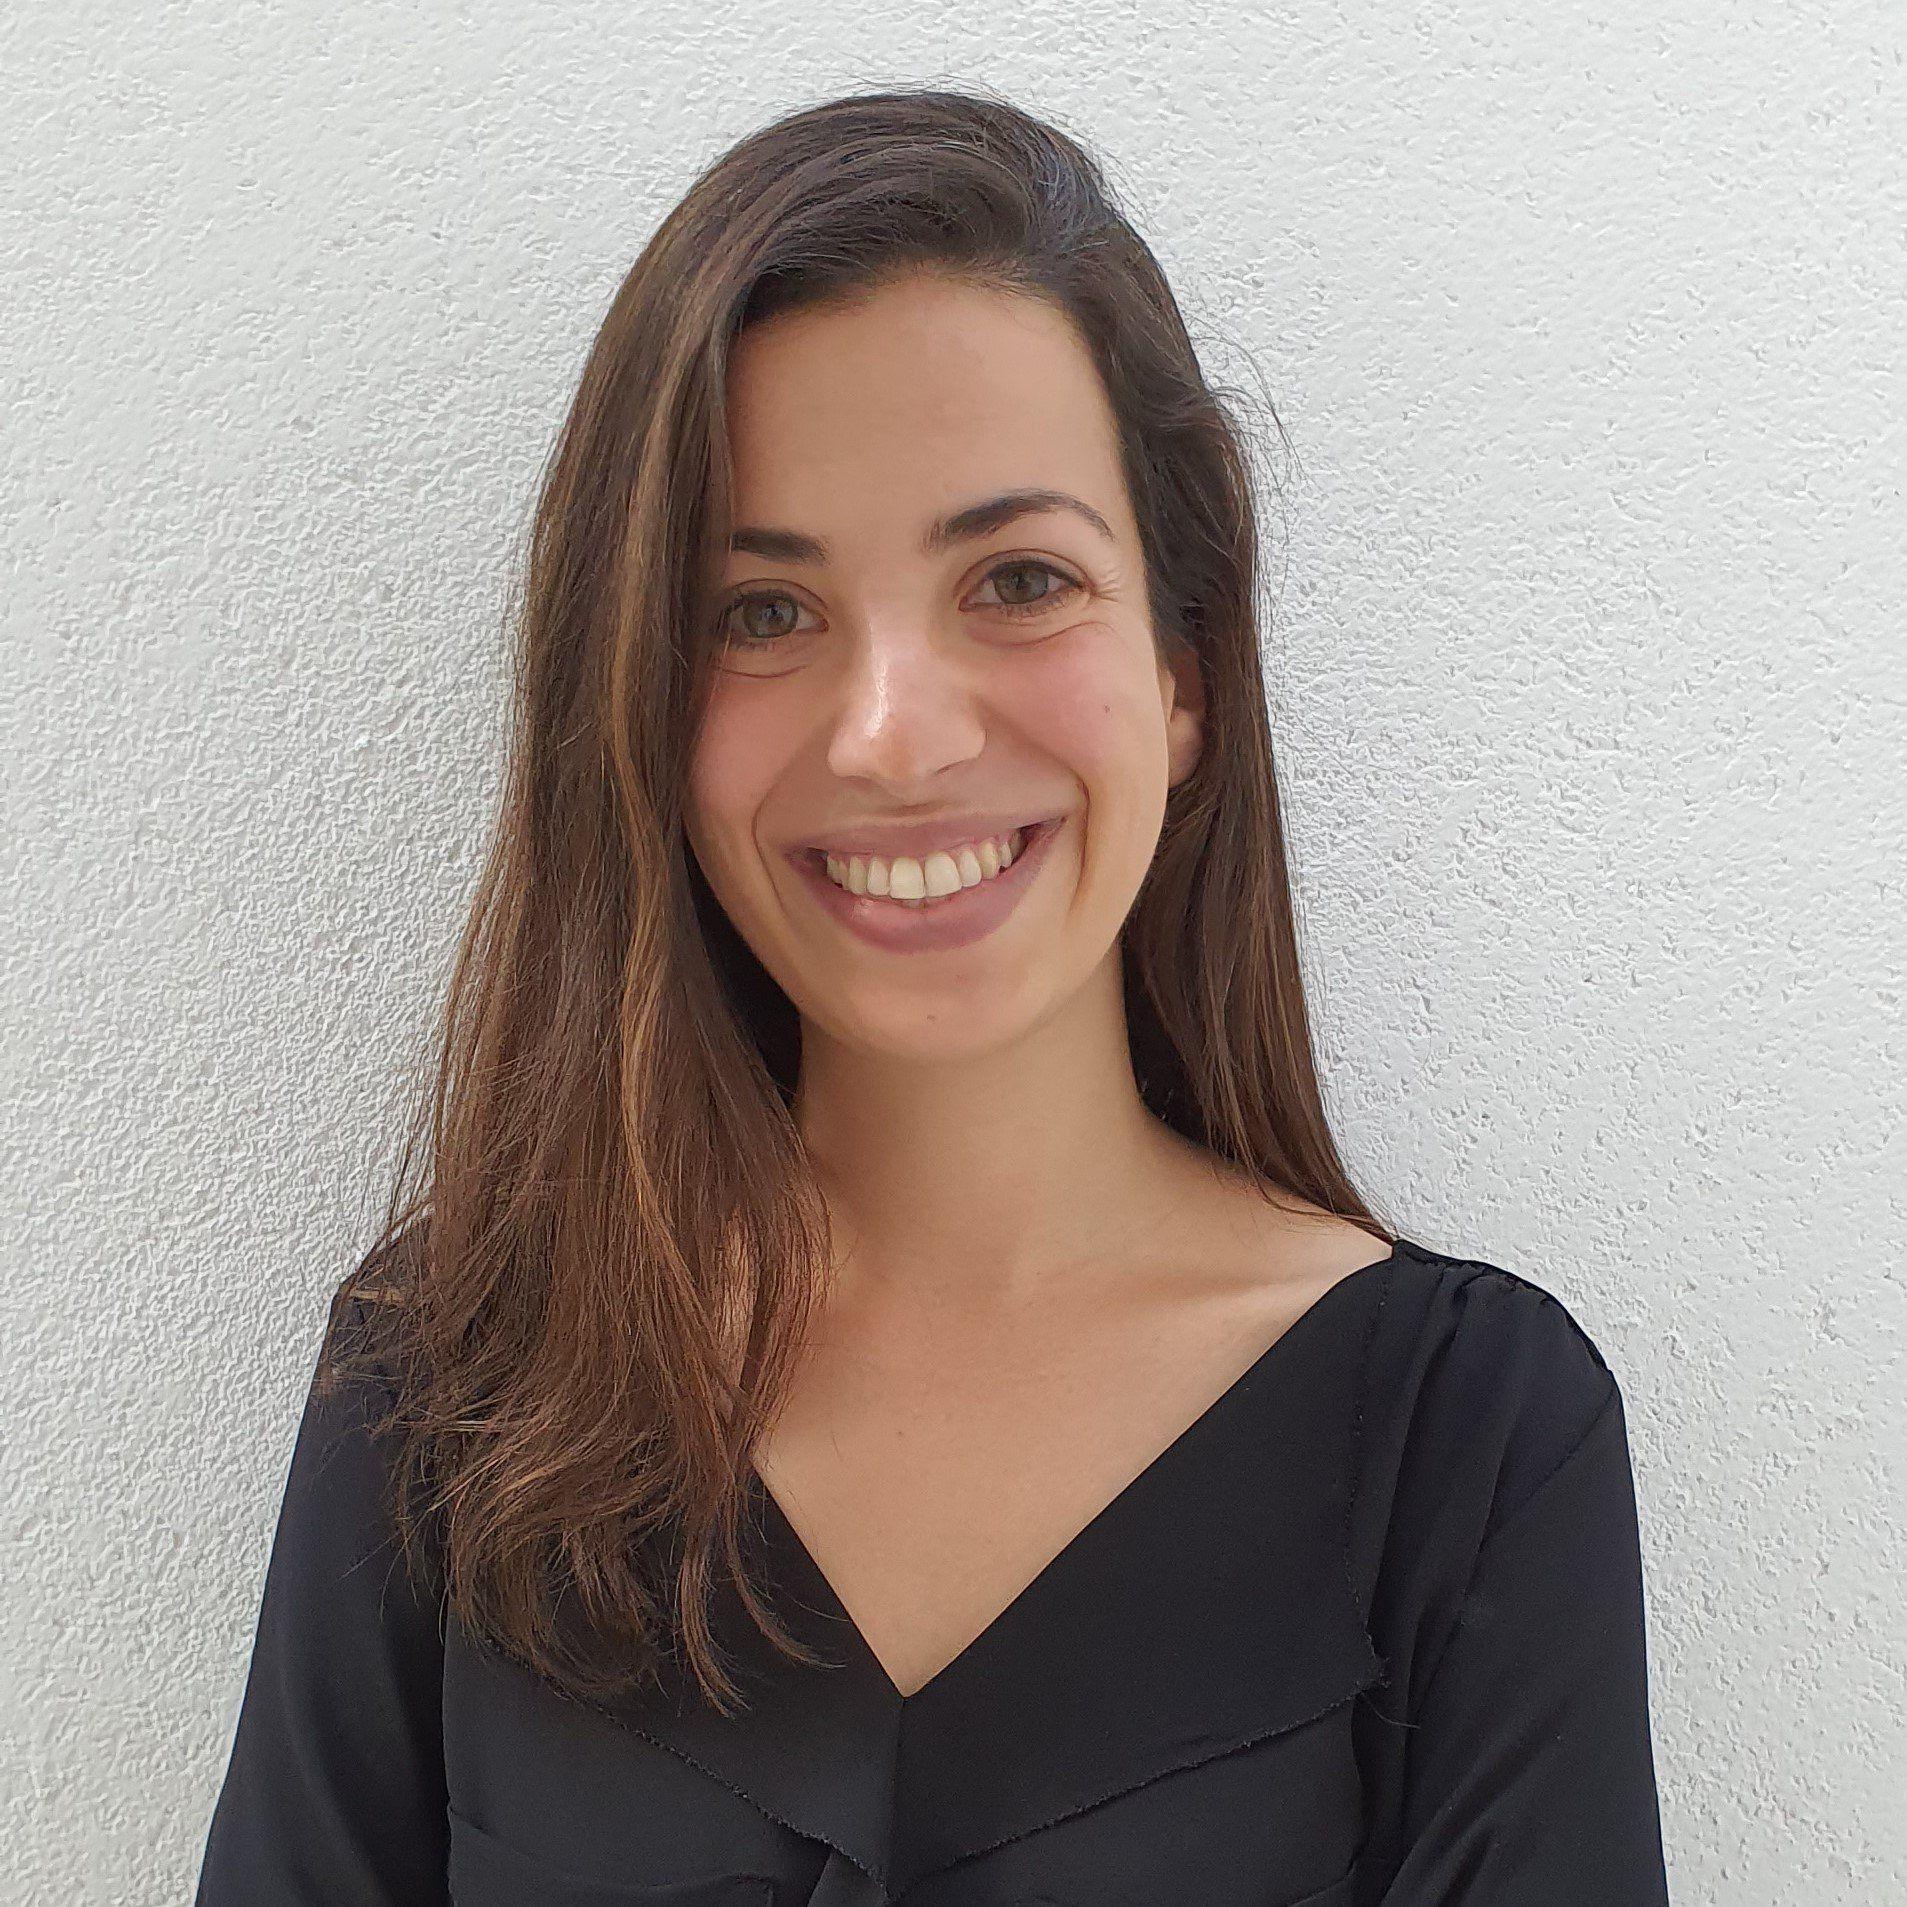 Cristina Asenjo